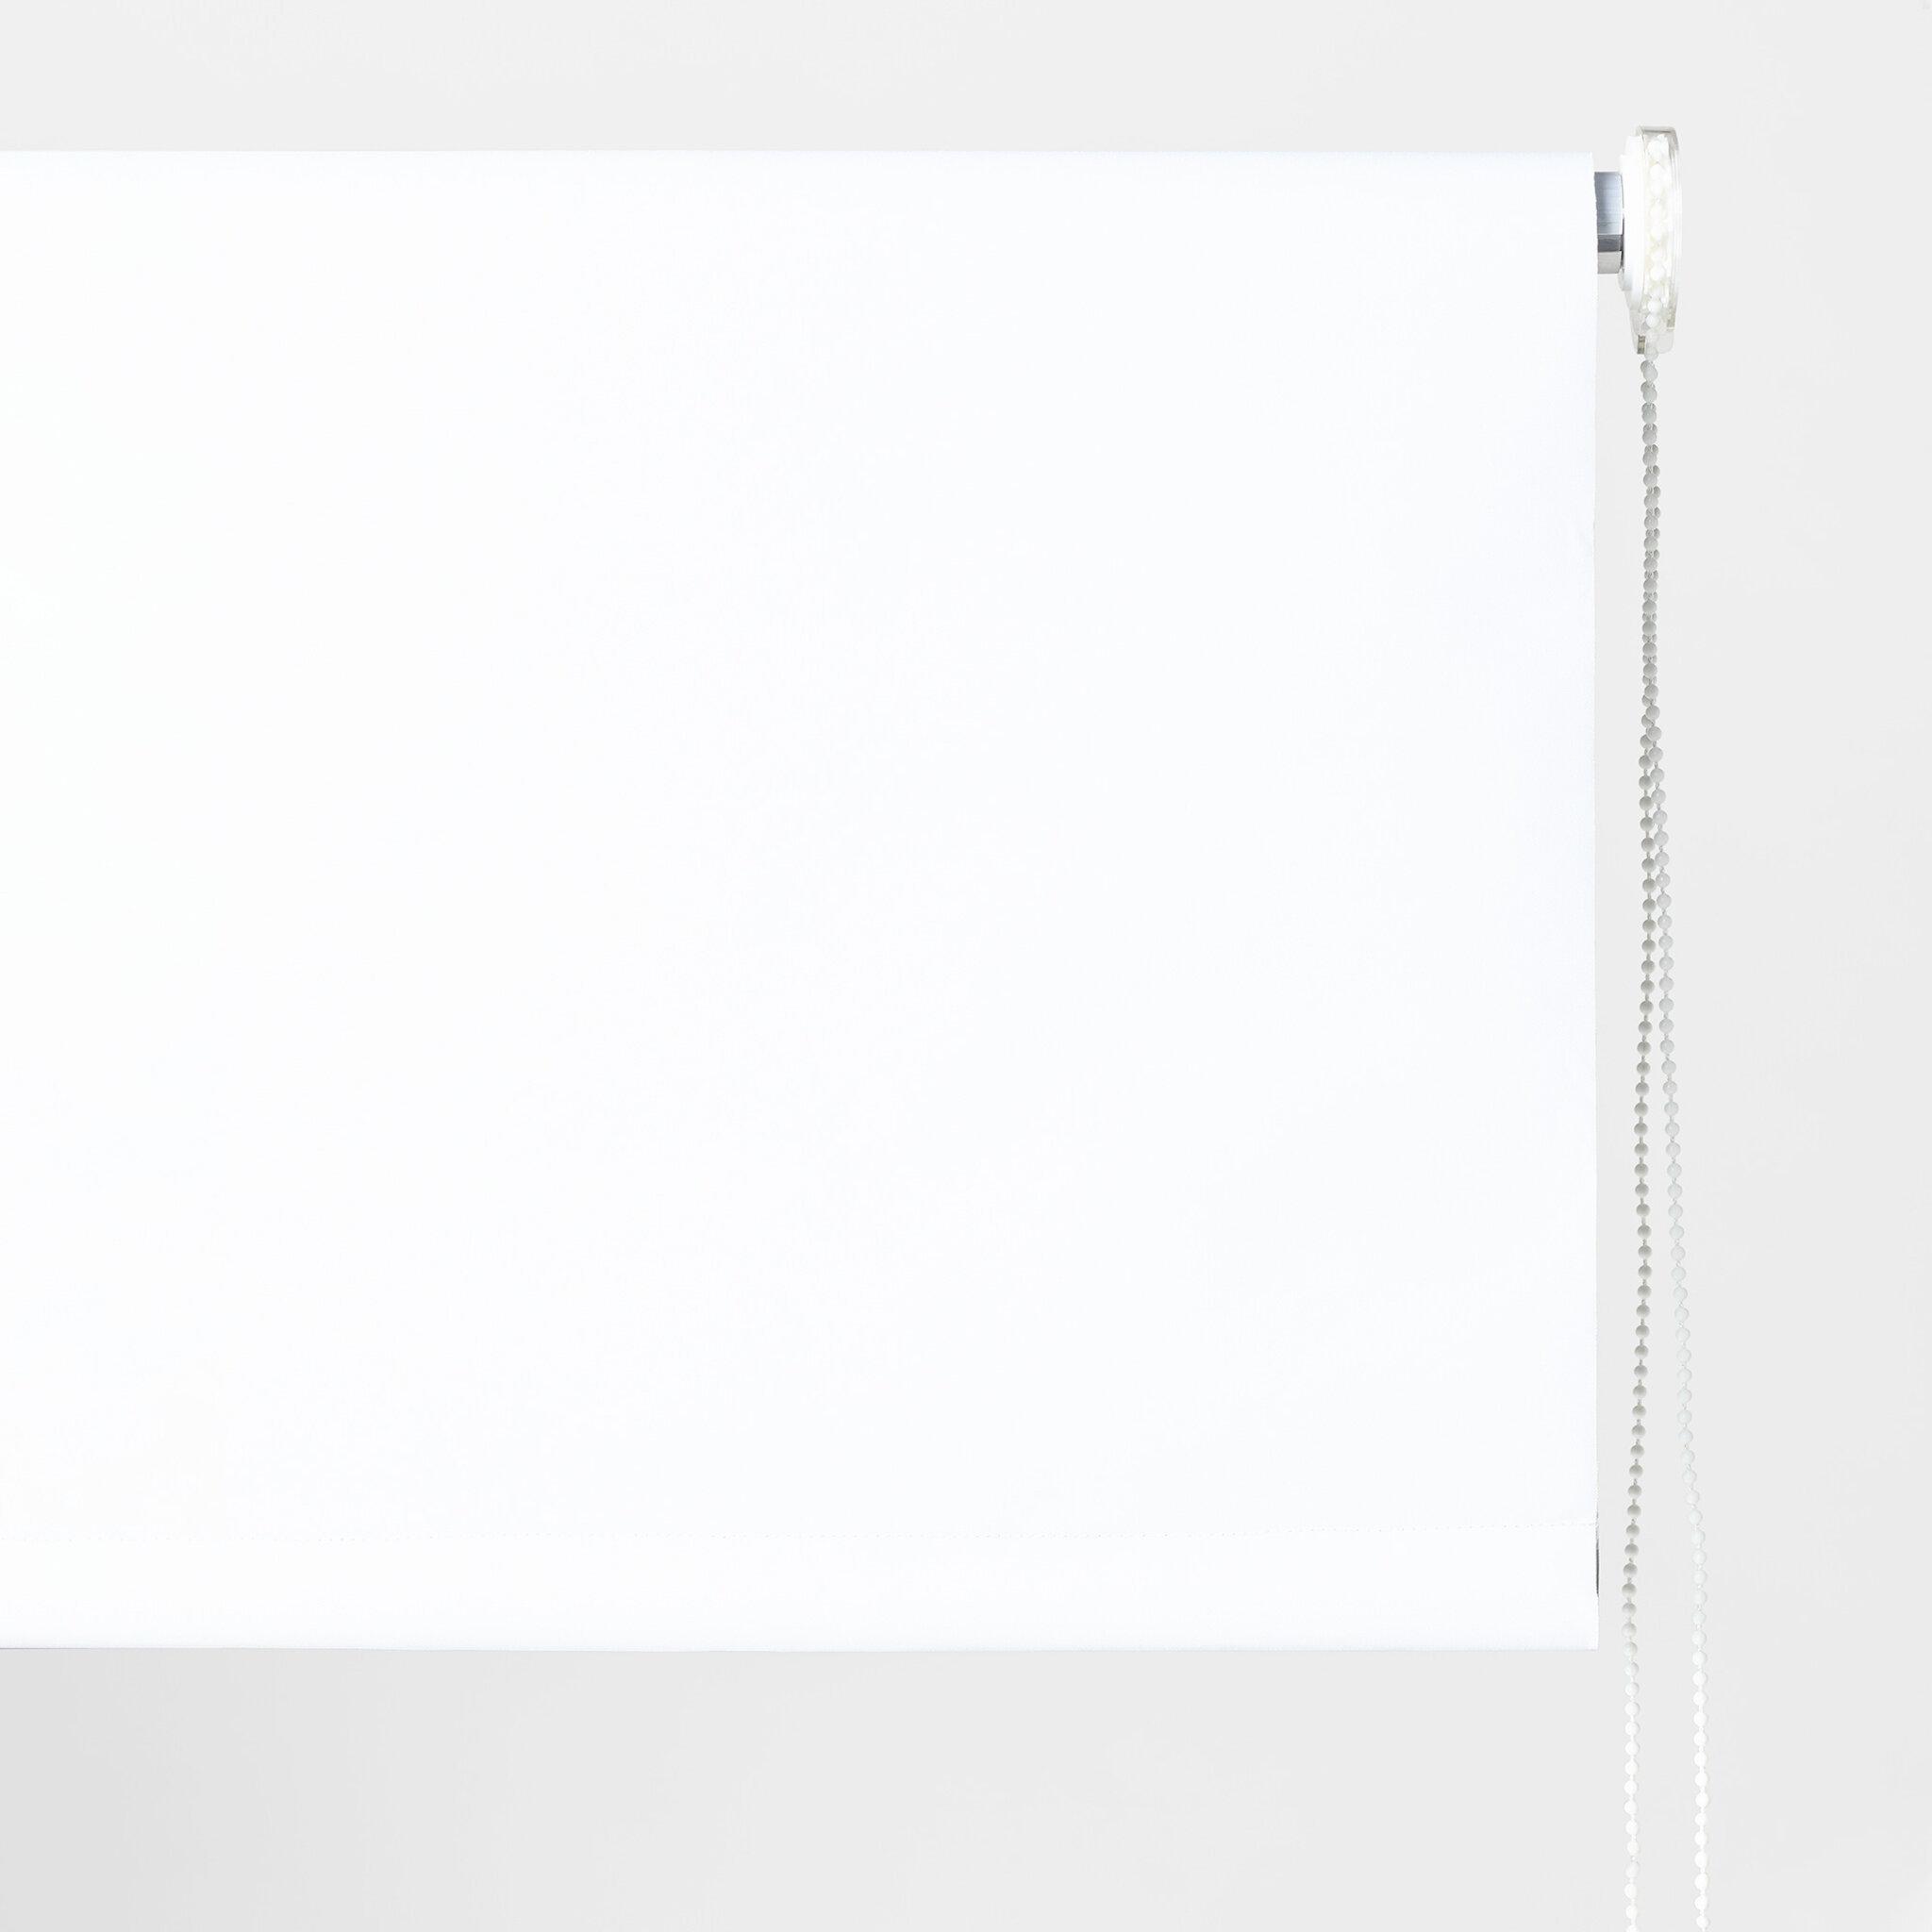 Rullgardin SJUSOVARE 120x165 cm